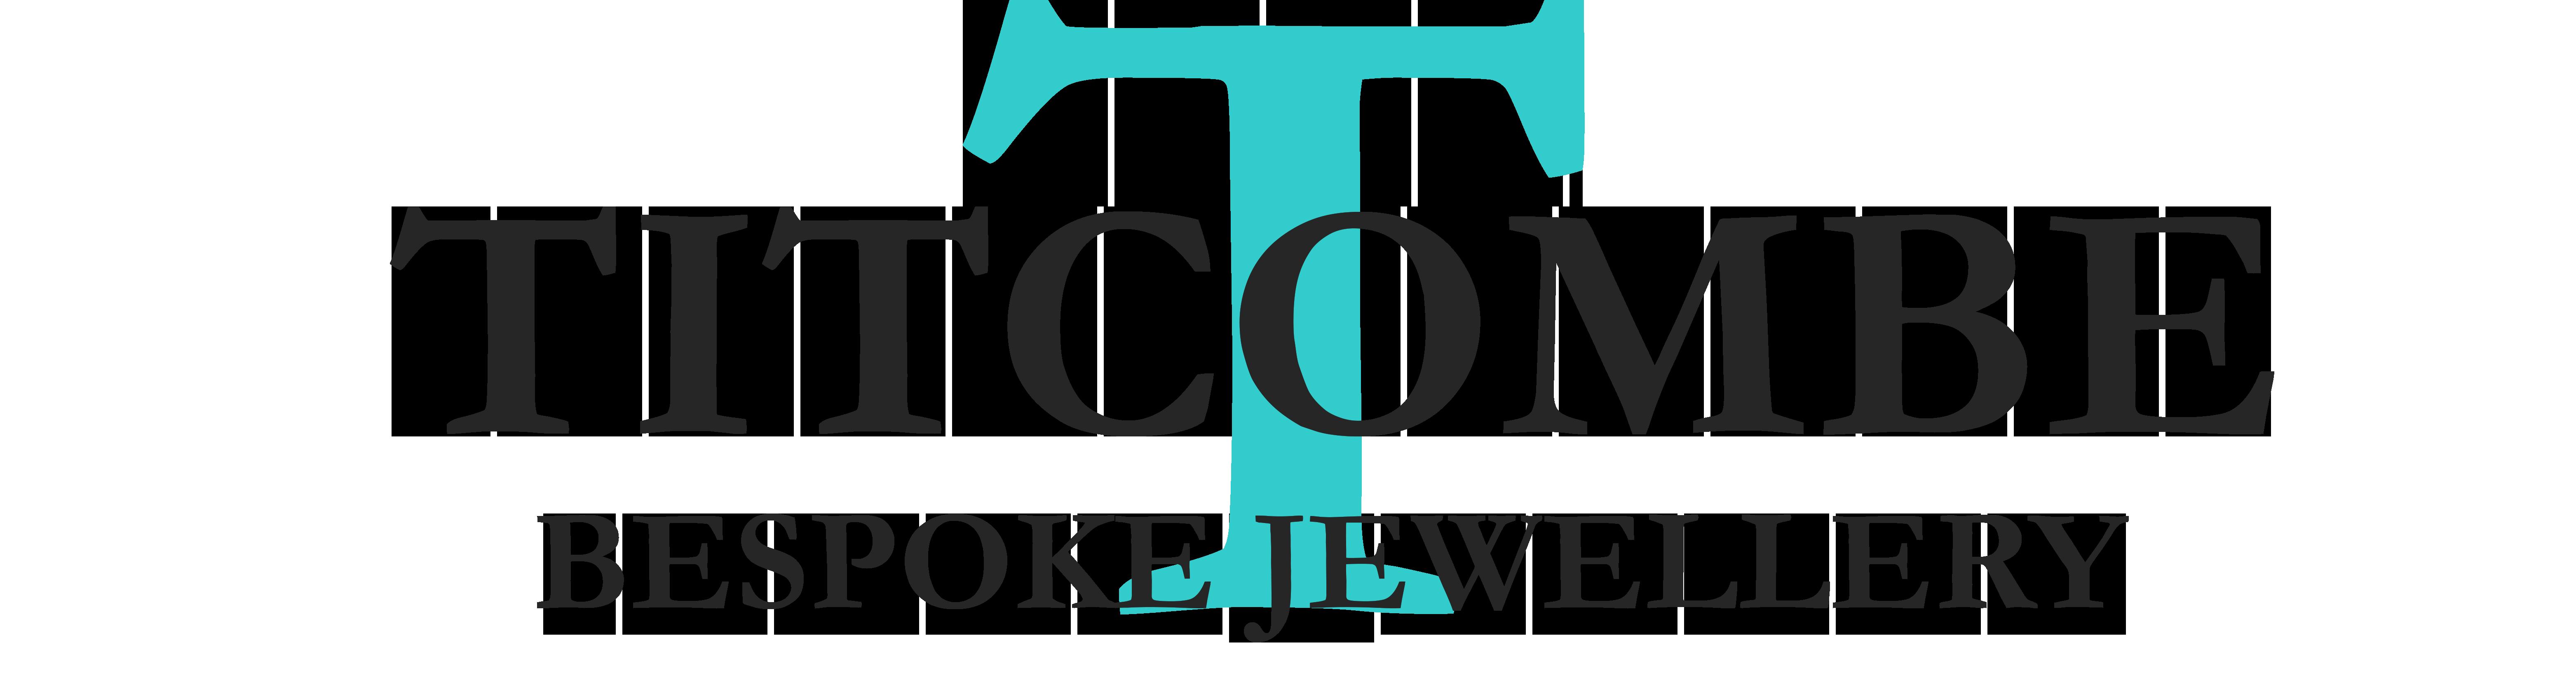 Titcombe Bespoke Jewellery